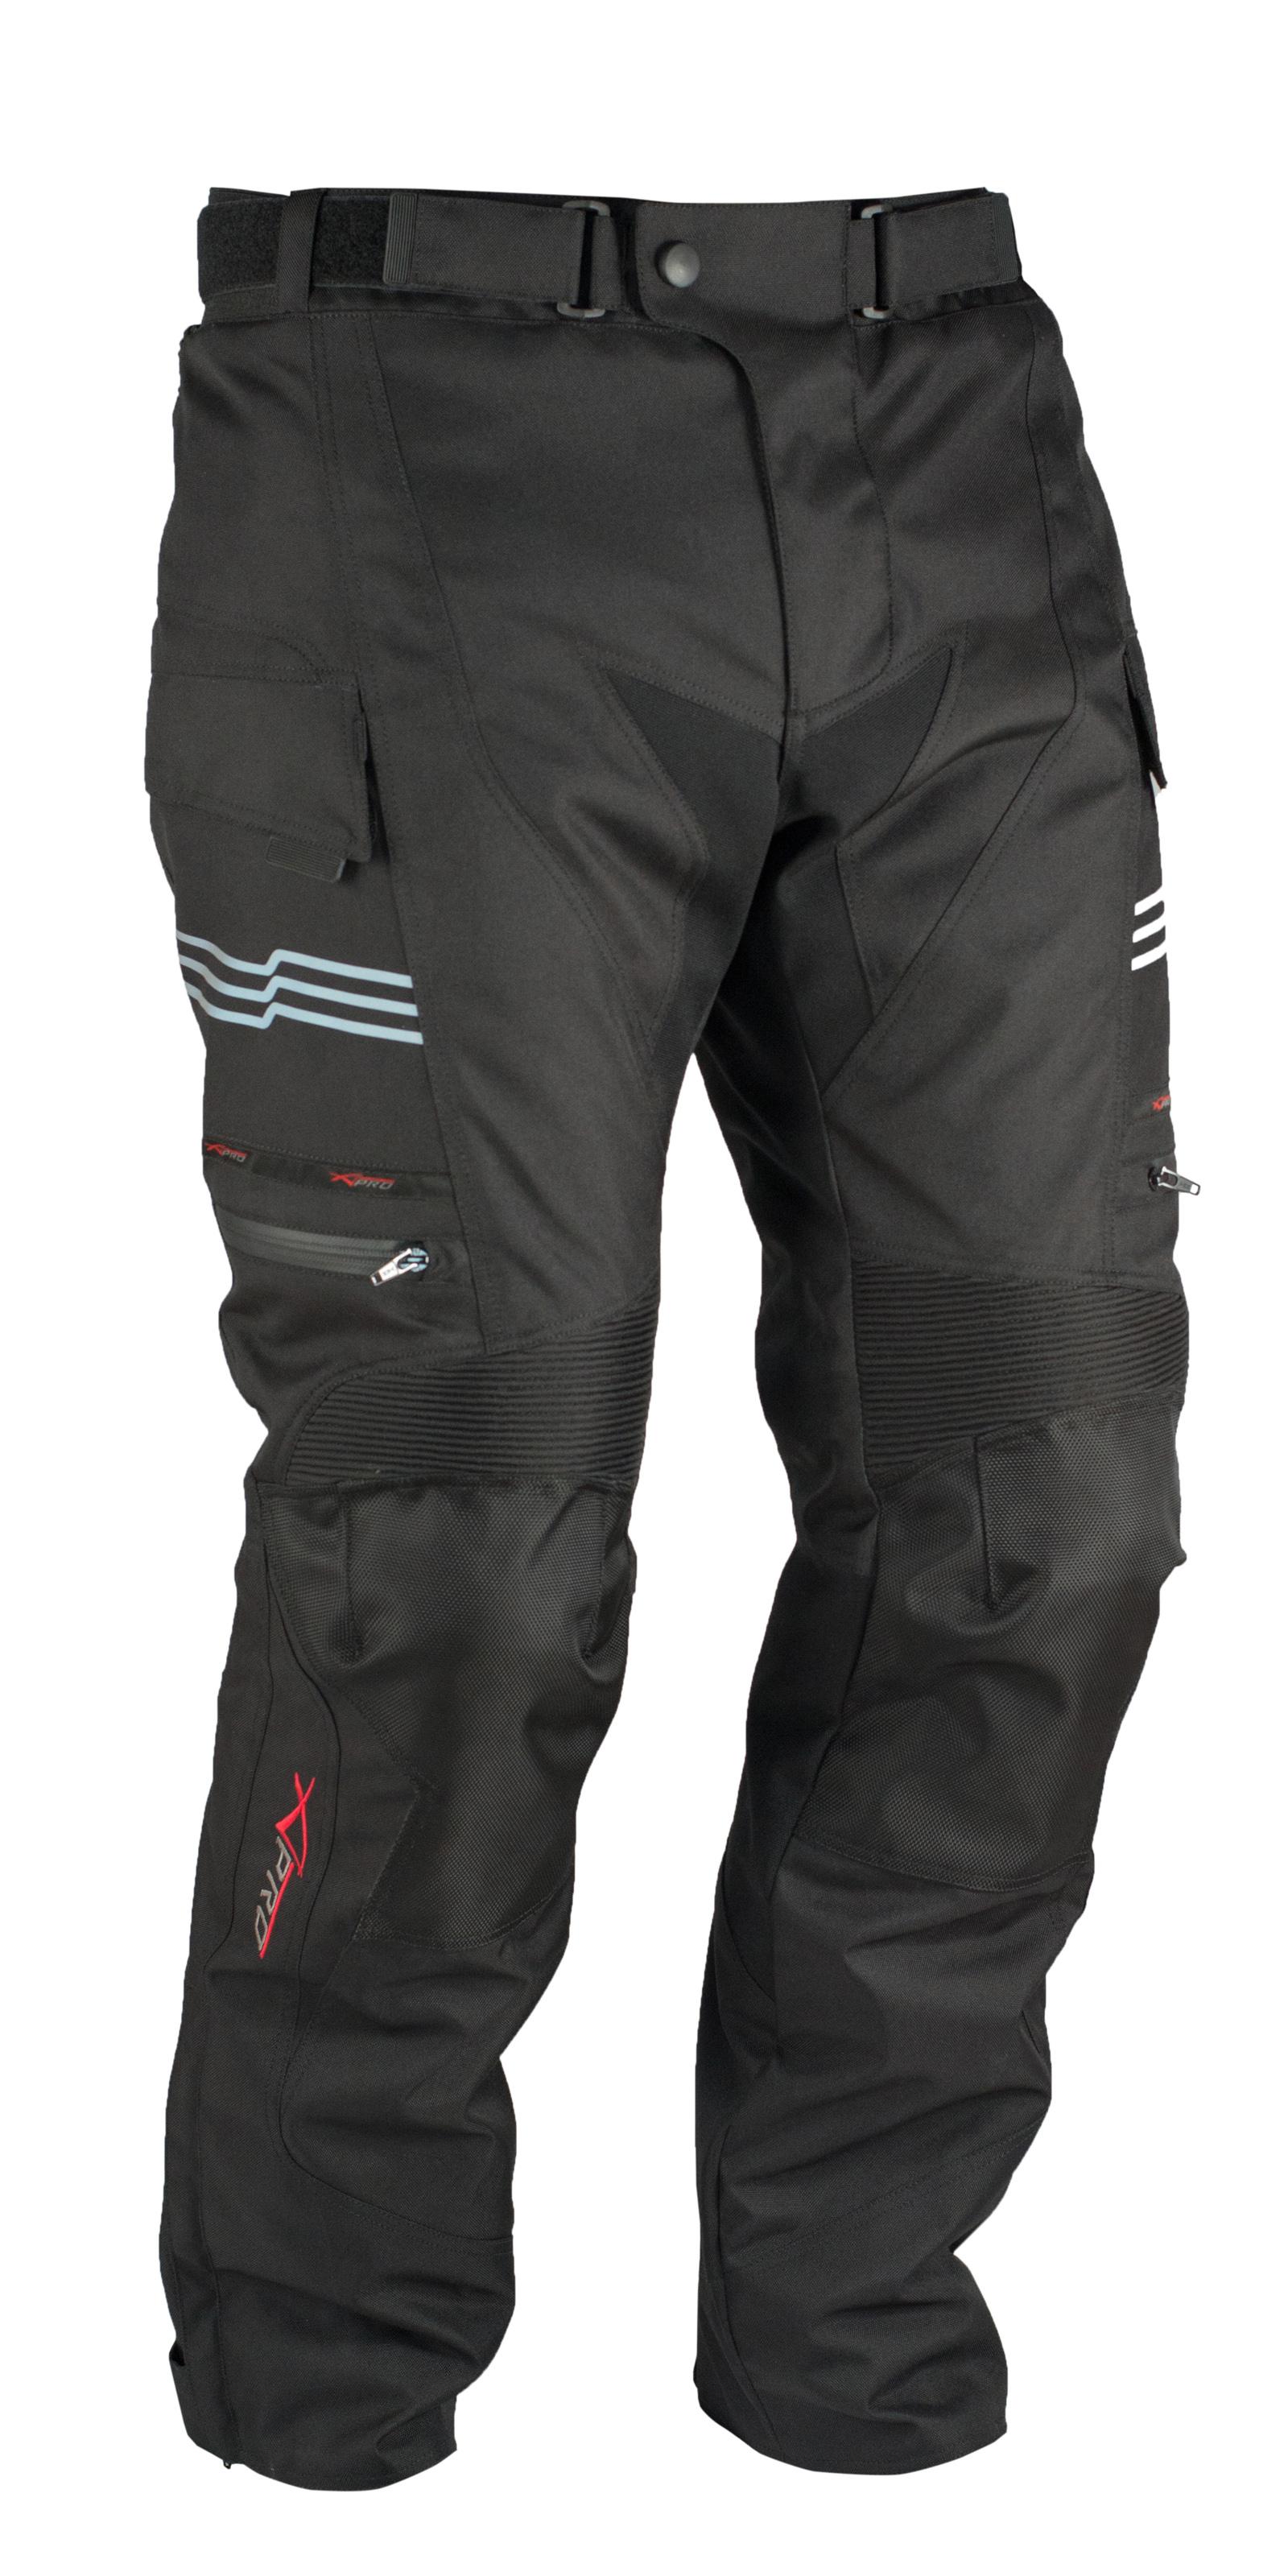 34 Best Waterproof Blinds Images On Pinterest: Motorcycle Trousers Waterproof Motorbike Textile Thermal